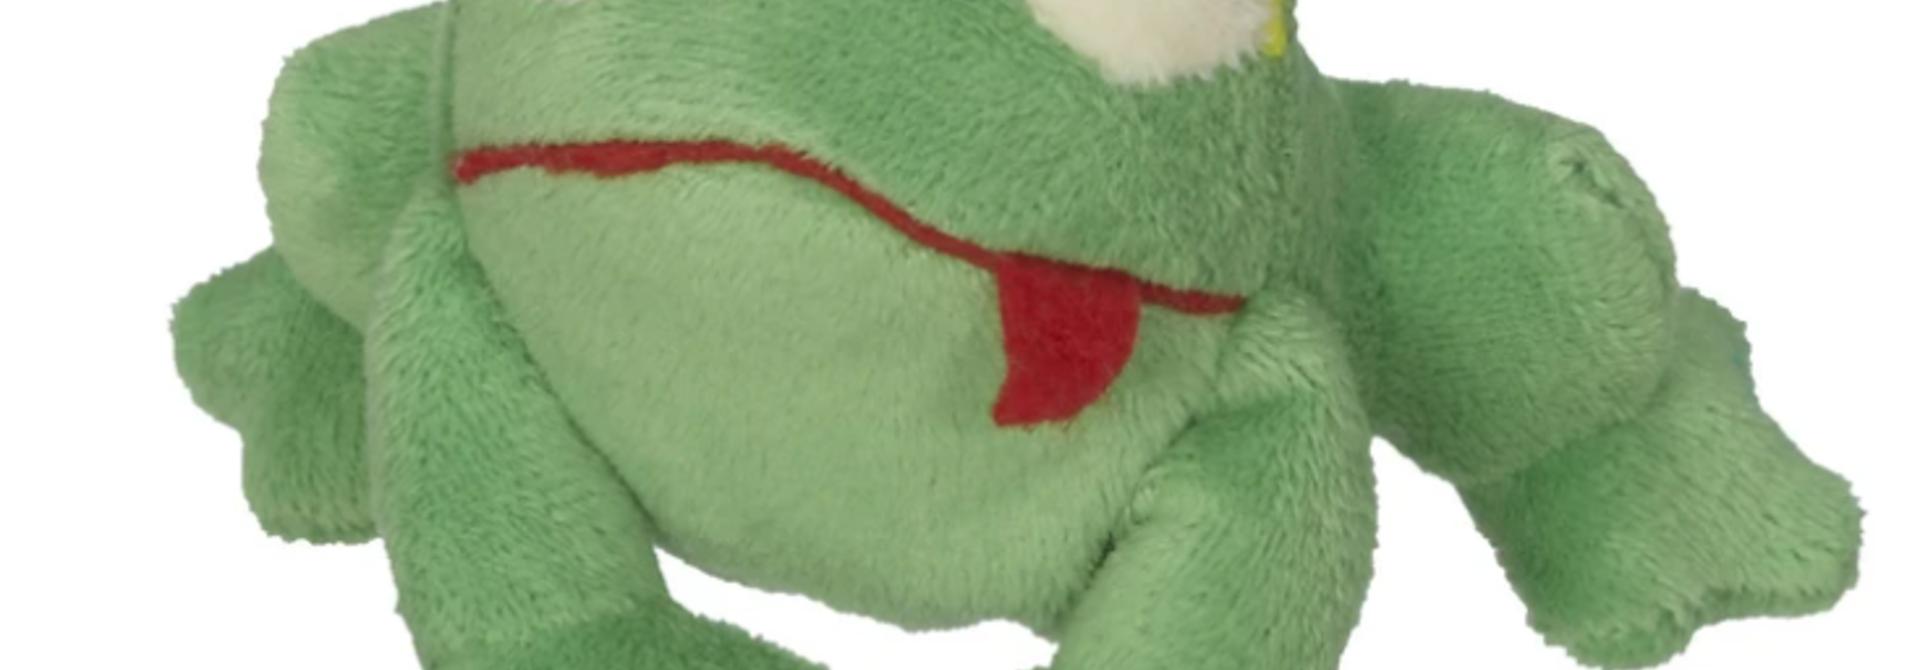 Hoppy the Frog finger puppet